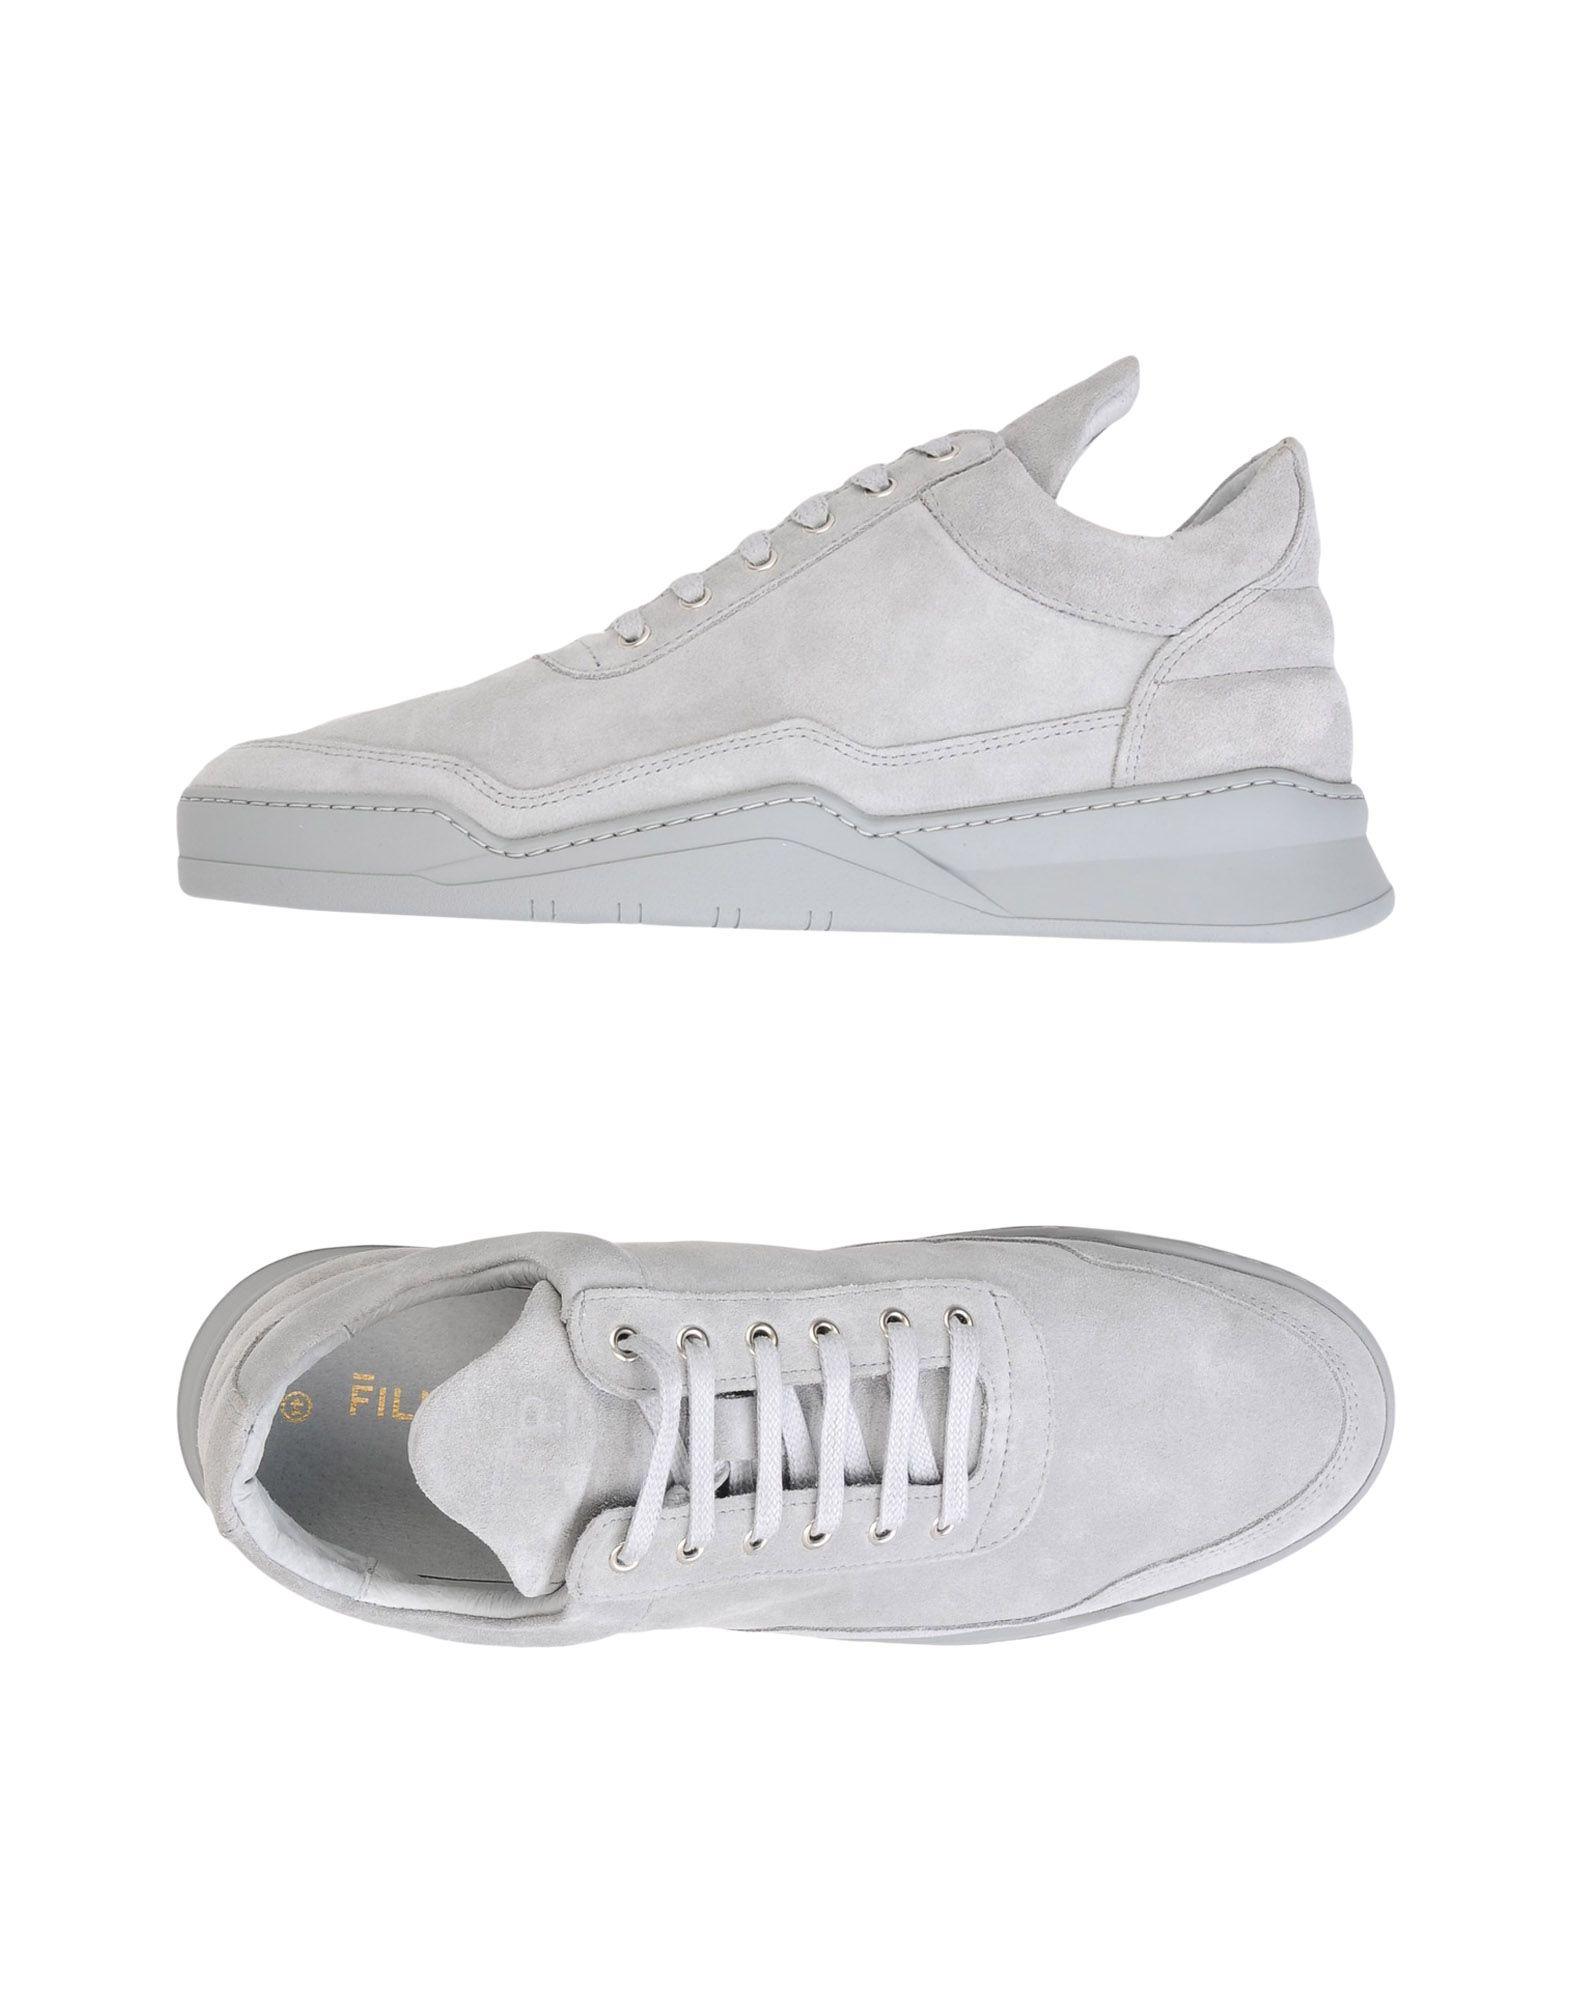 Sneakers Filling Pieces Homme - Sneakers Filling Pieces  Gris Dernières chaussures discount pour hommes et femmes